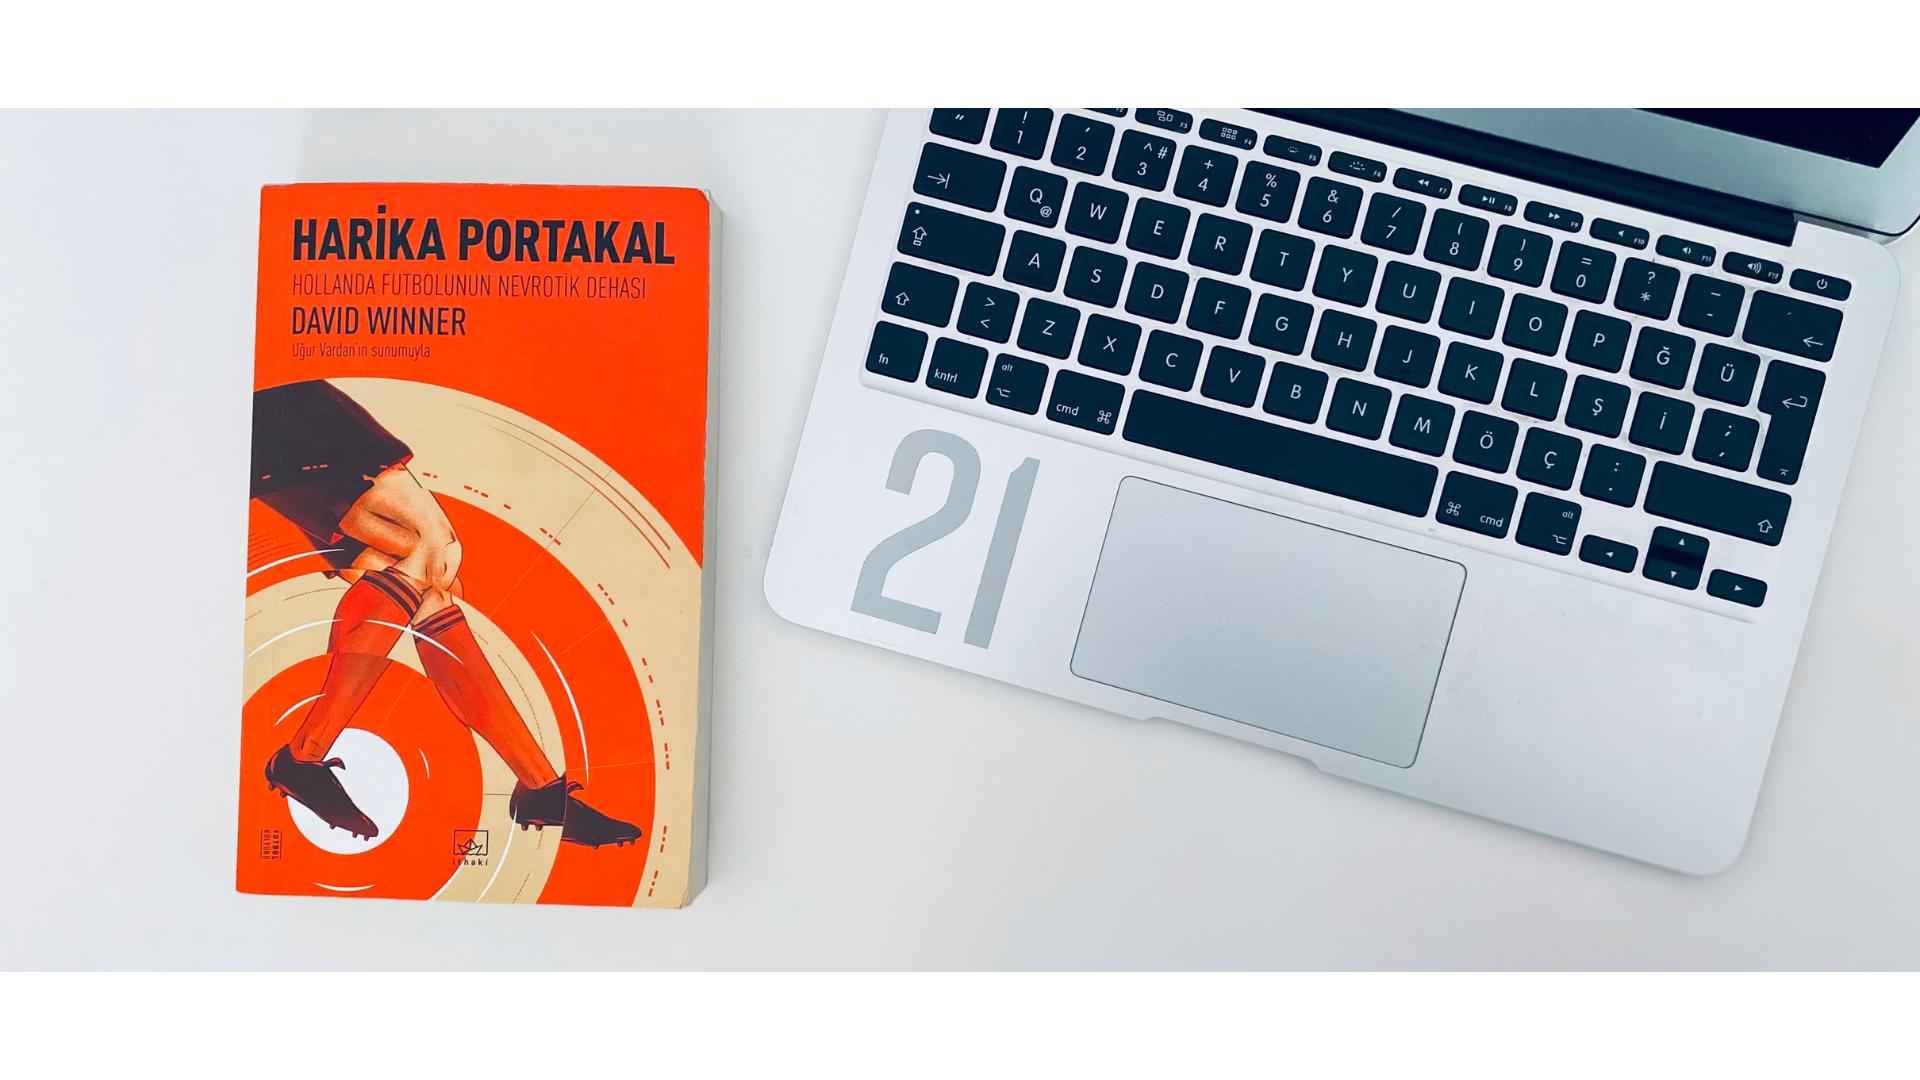 Harika portakal kitabının yukardan çekilmiş bir görseli.